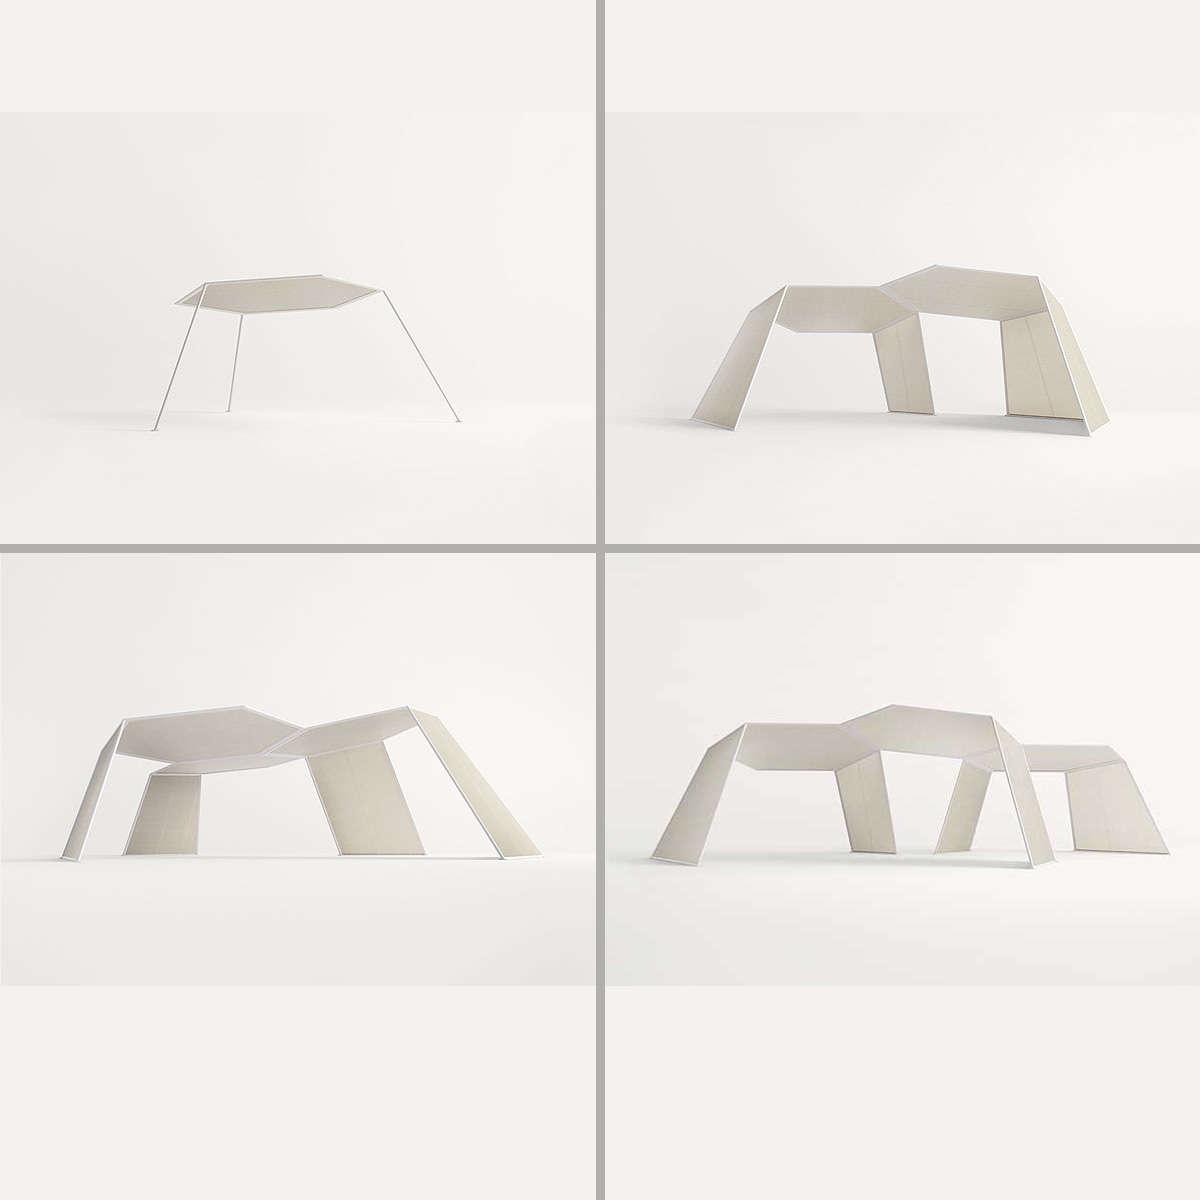 Pavilion Forms